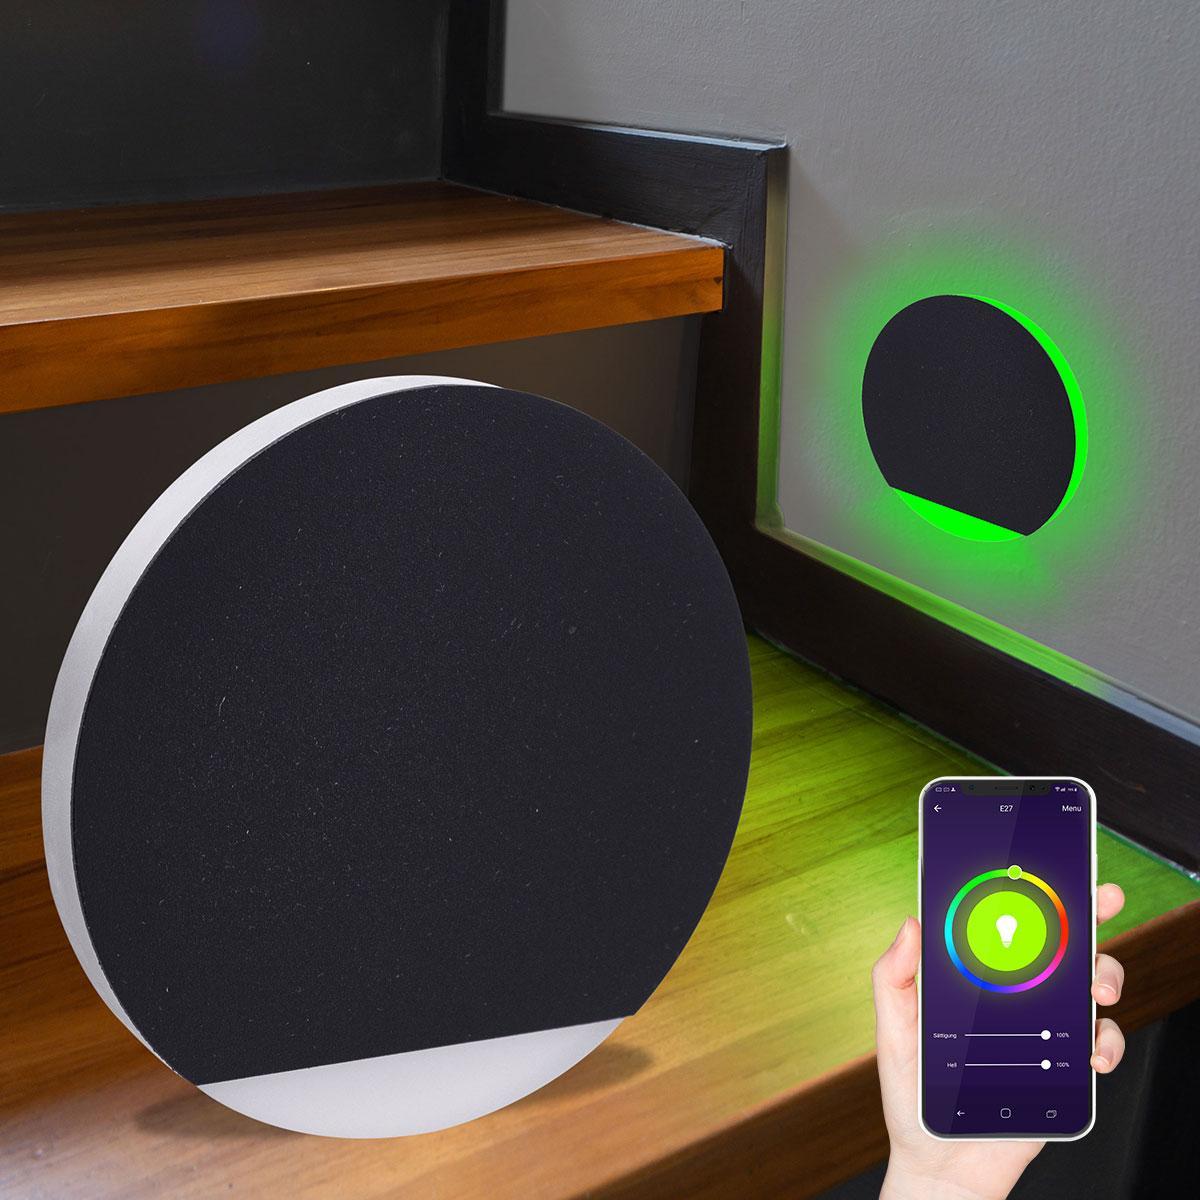 LED Treppenlicht rund Smart Tuya RGB+CCT 230V 5W schwarz Lichtaustritt seitlich&frontal